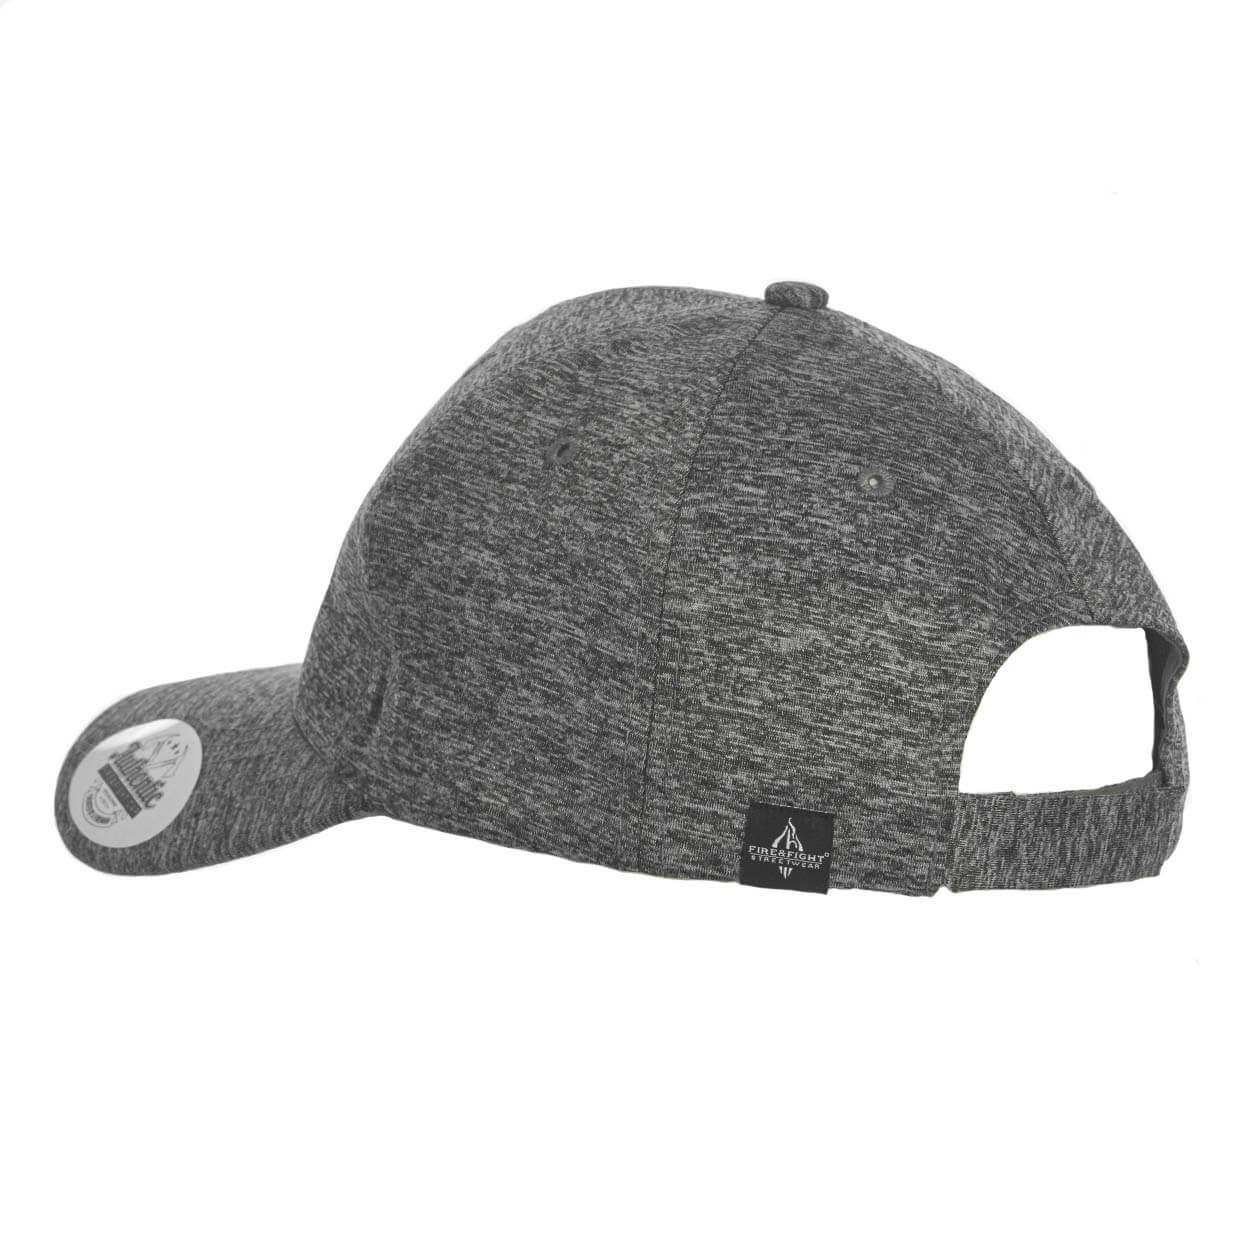 Basecap FIRE & HOOK grau/schwarz